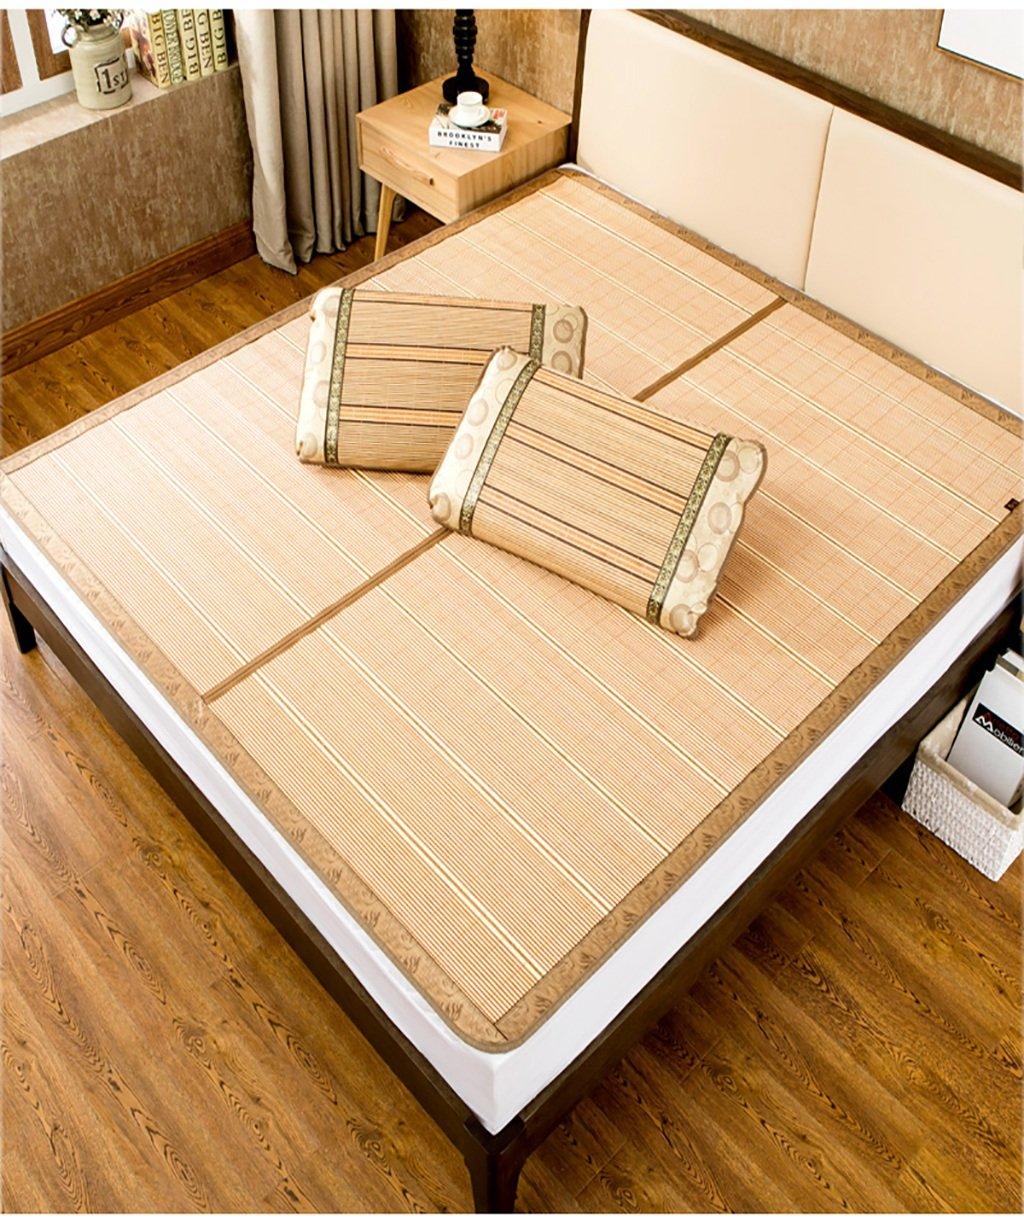 WENZHE Matratzen Strohmatte Teppiche Bambus Sommer Schlafmatten Haushalt Atmungsaktiv Faltbar Matten (Farbe : B, größe : 1.8  2m)